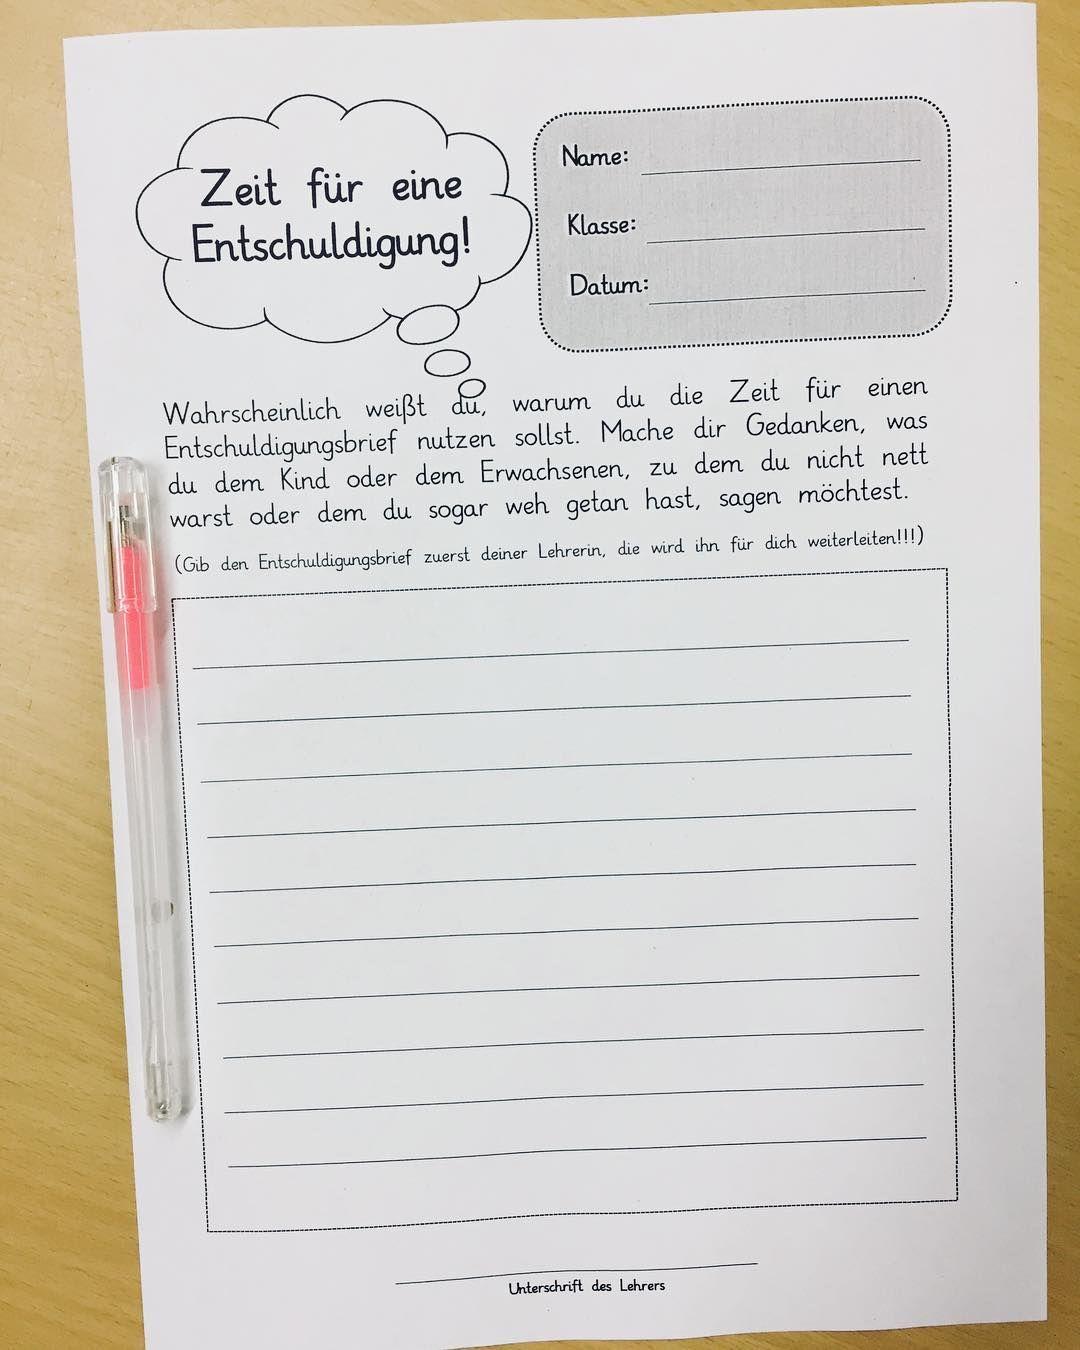 Schreiben lehrerin brief die entschuldigung an Entschuldigung für